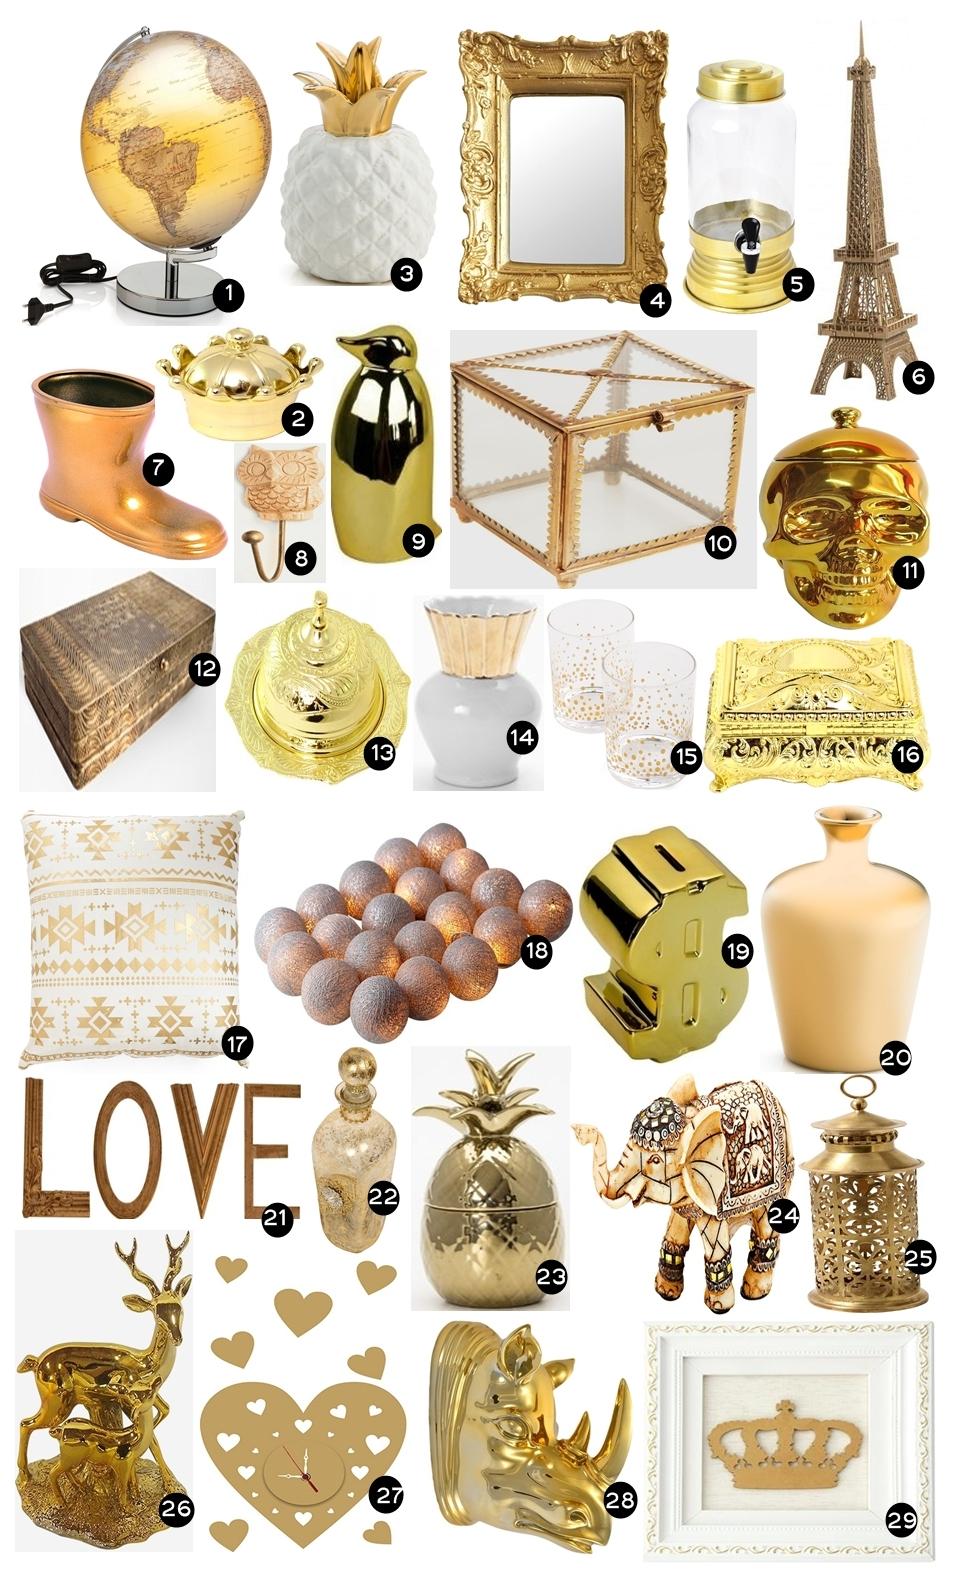 dourado-decoração-1-2